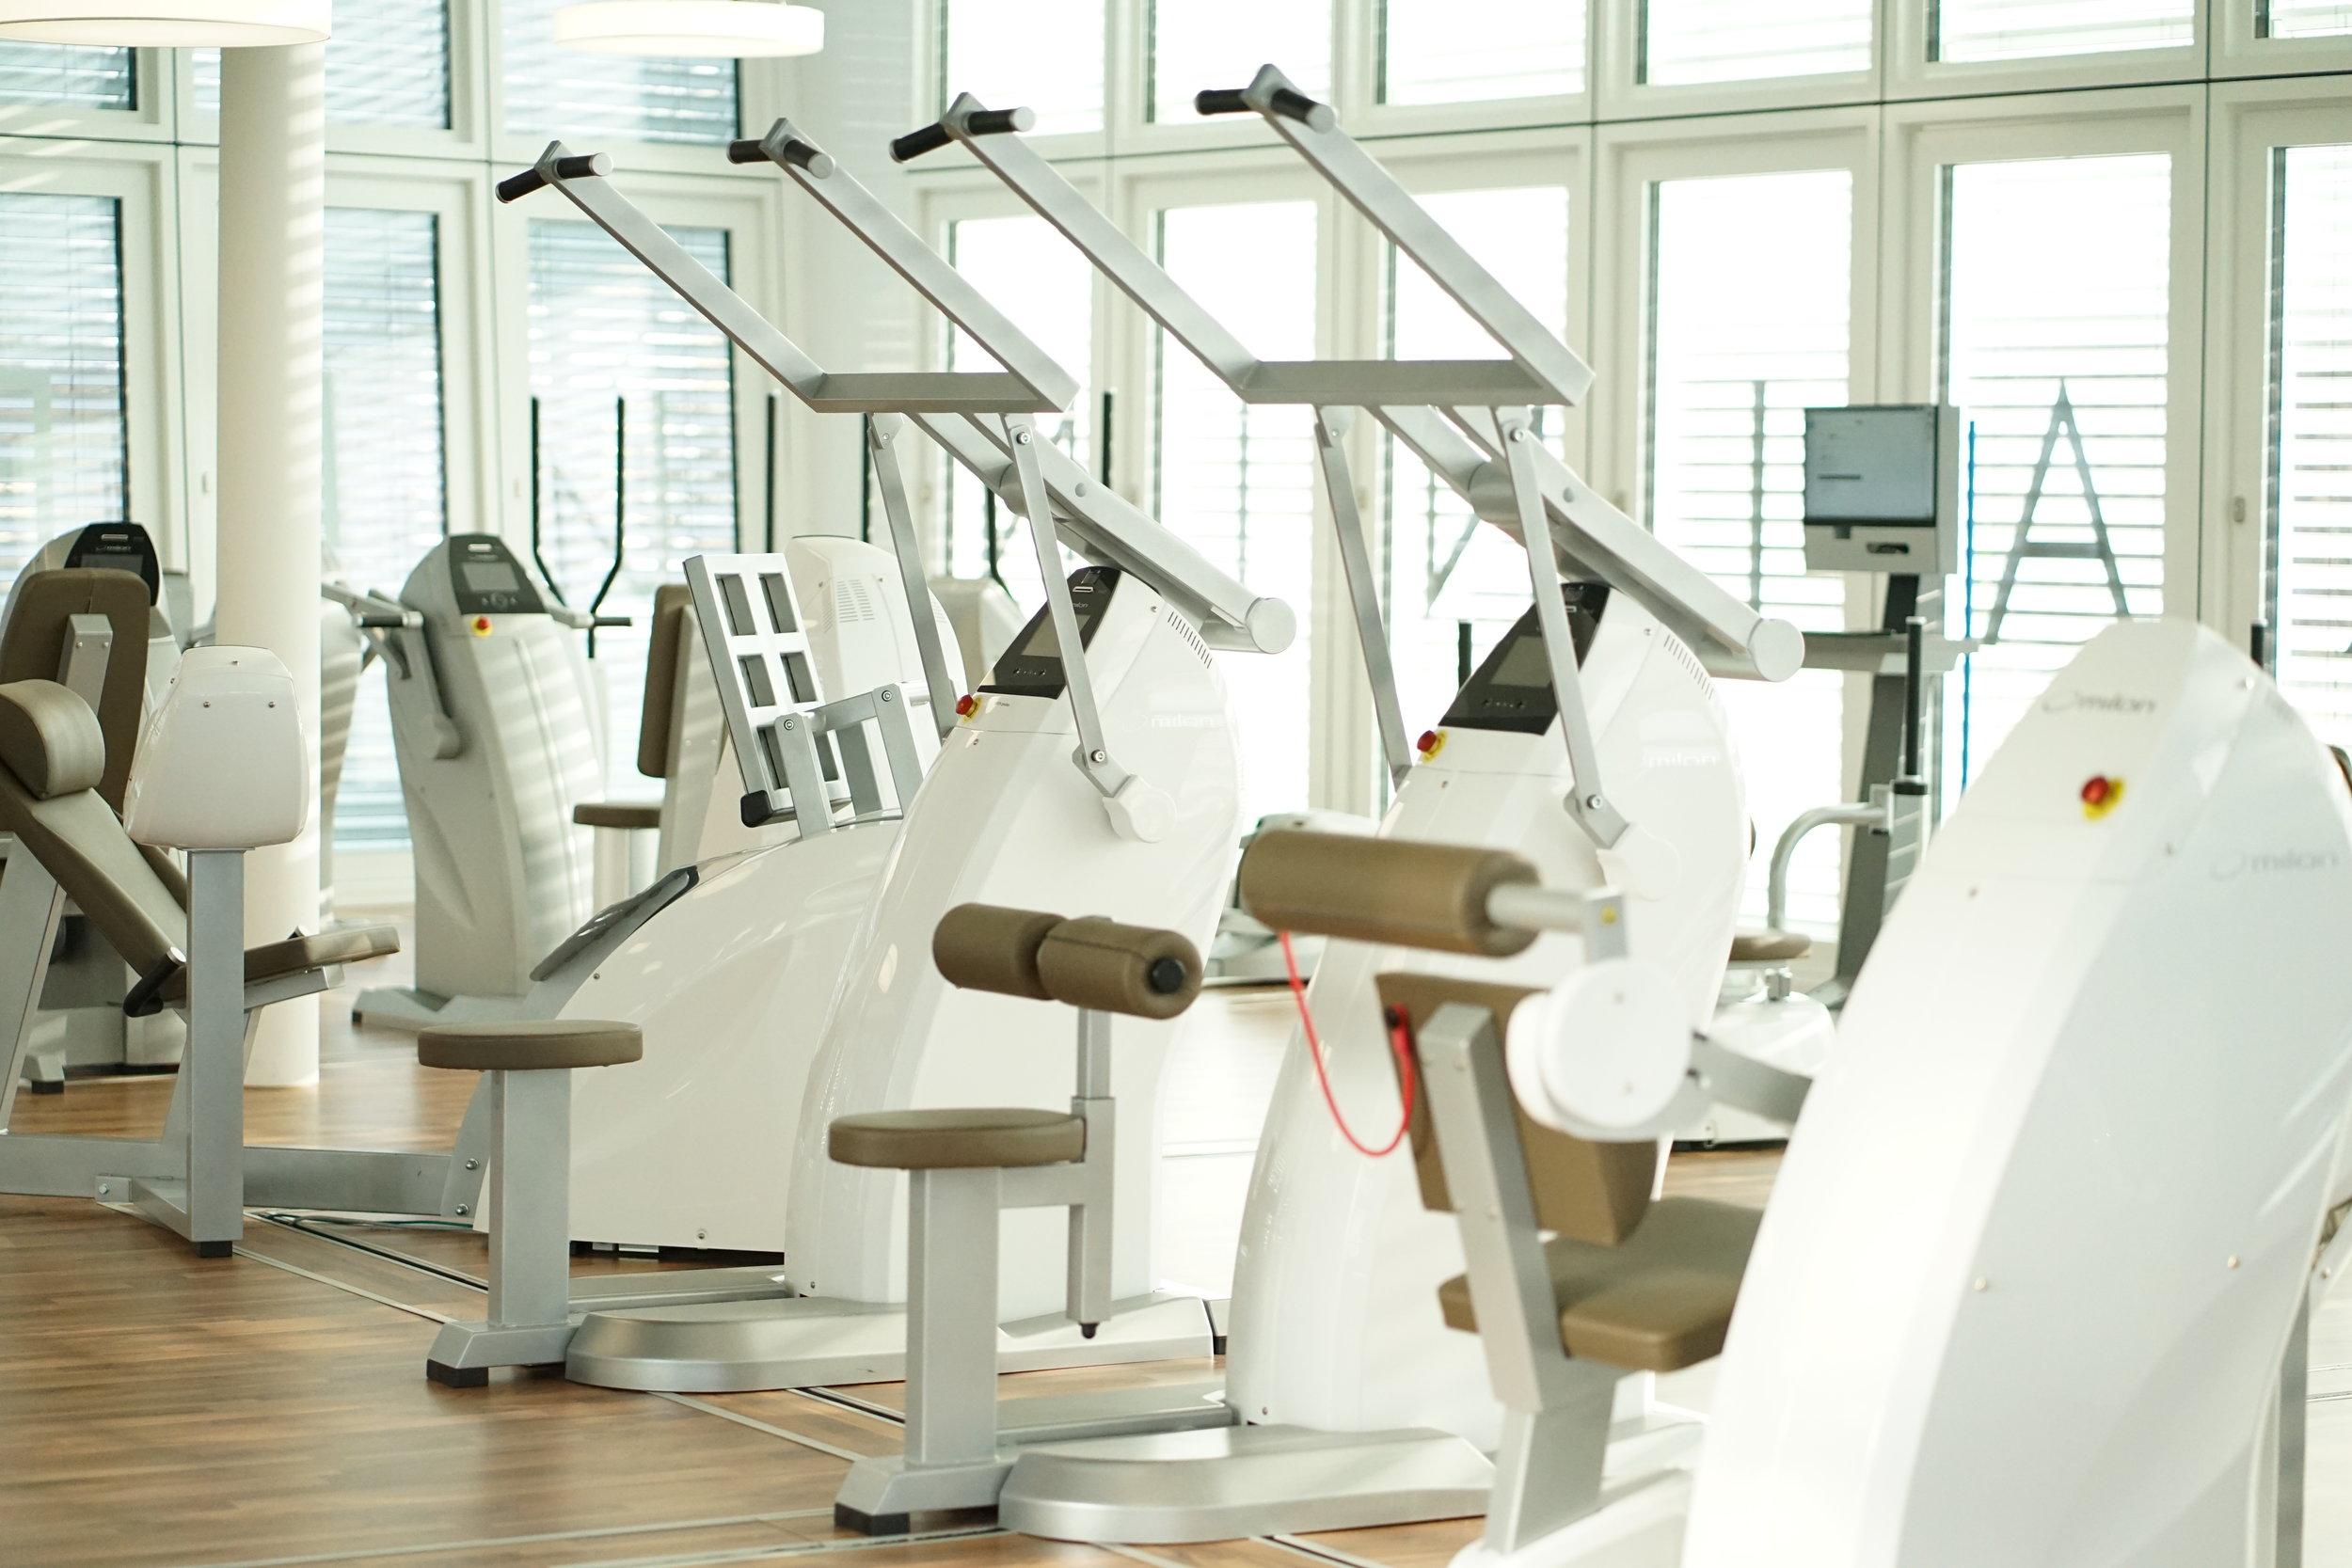 Gesundheitszentrum_Fitness_Arlesheim_3